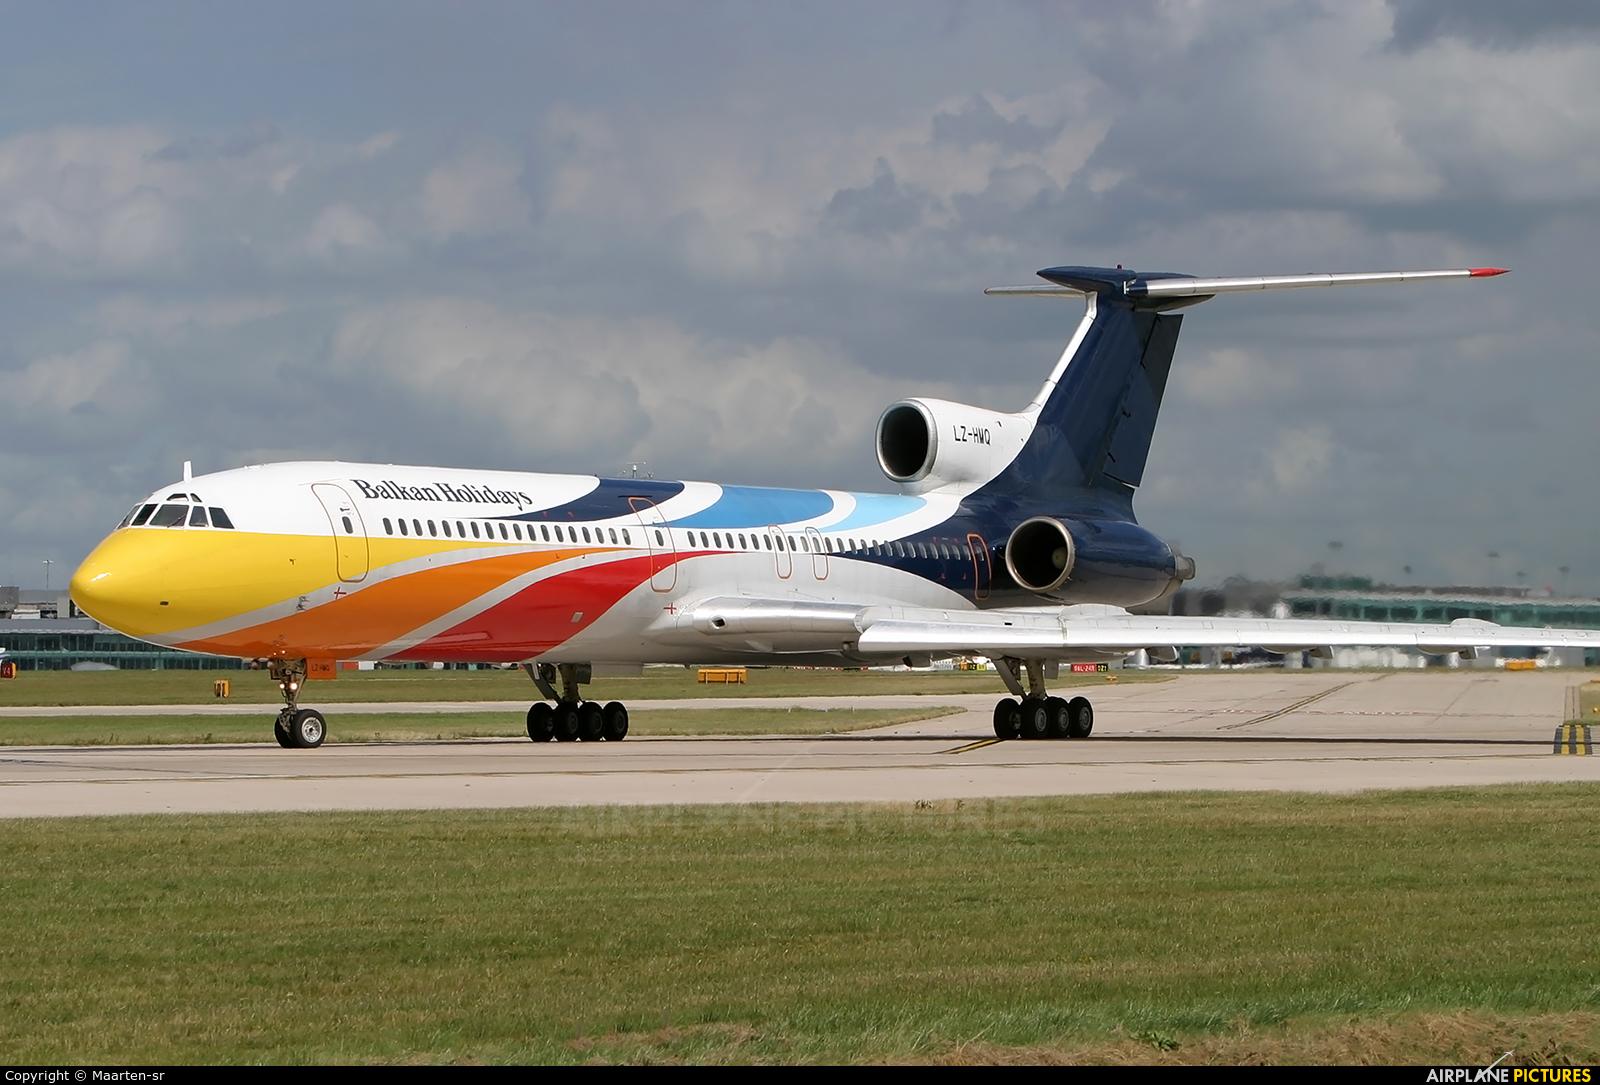 Balkan Holidays Air LZ-HMQ aircraft at Manchester